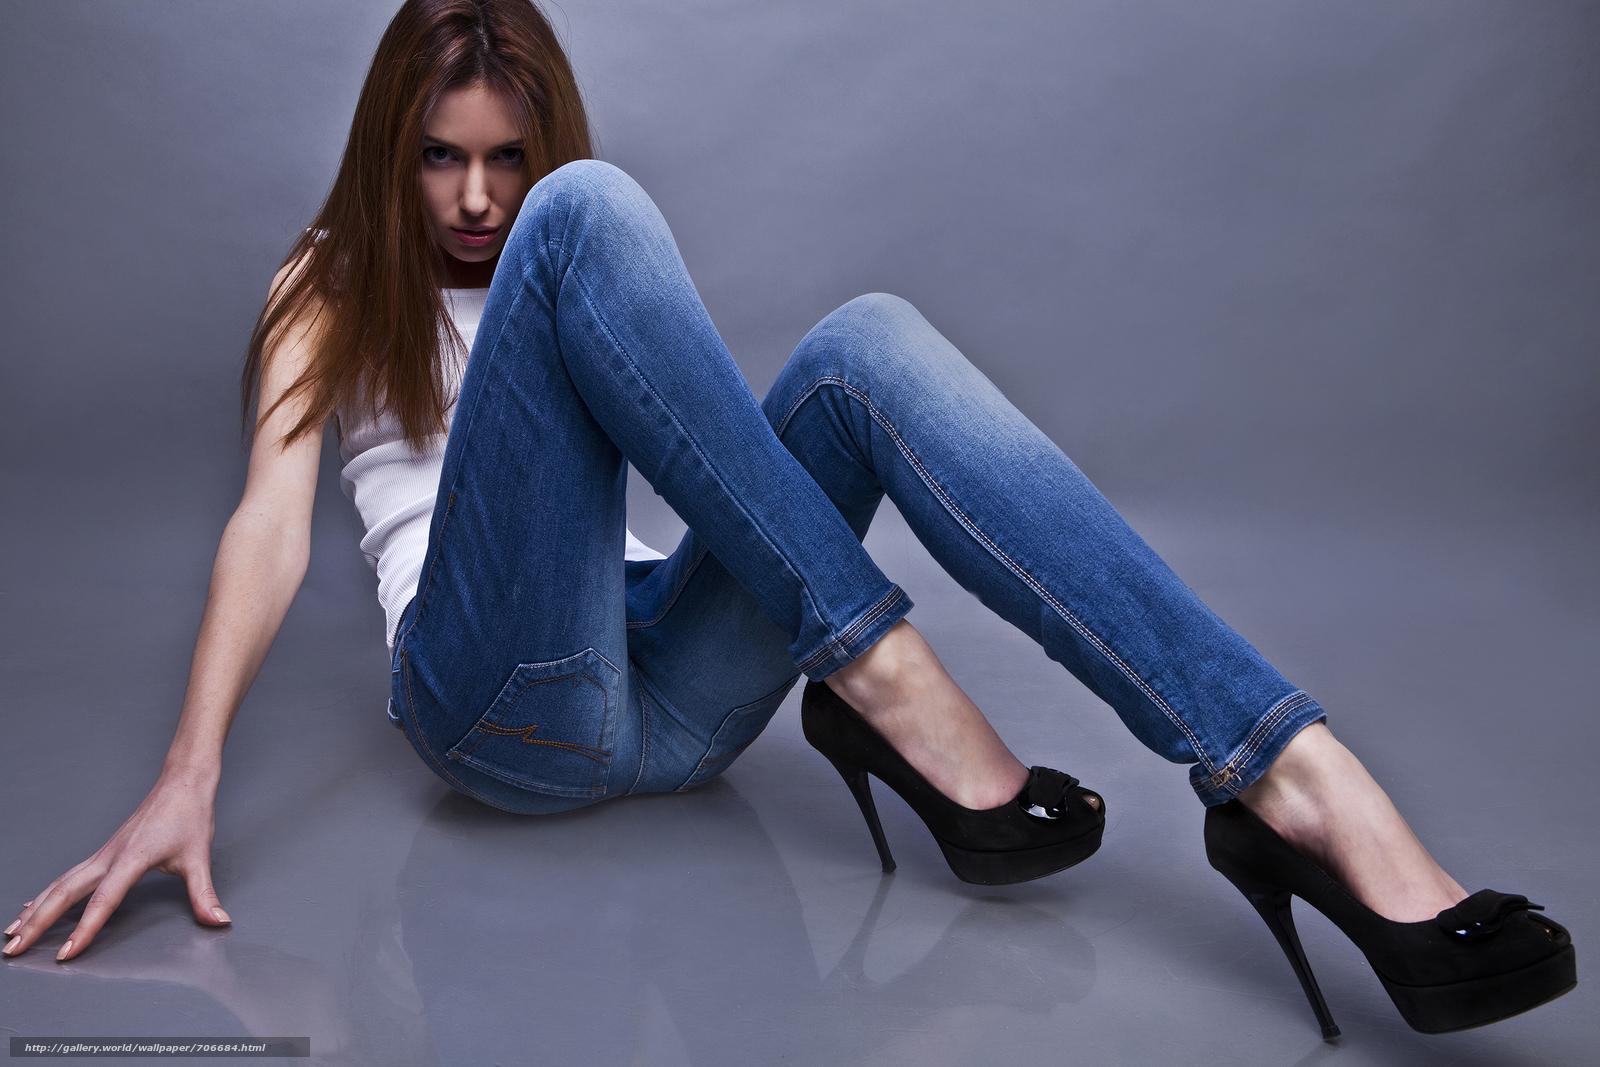 Идеи для фото девушкам на каблуках